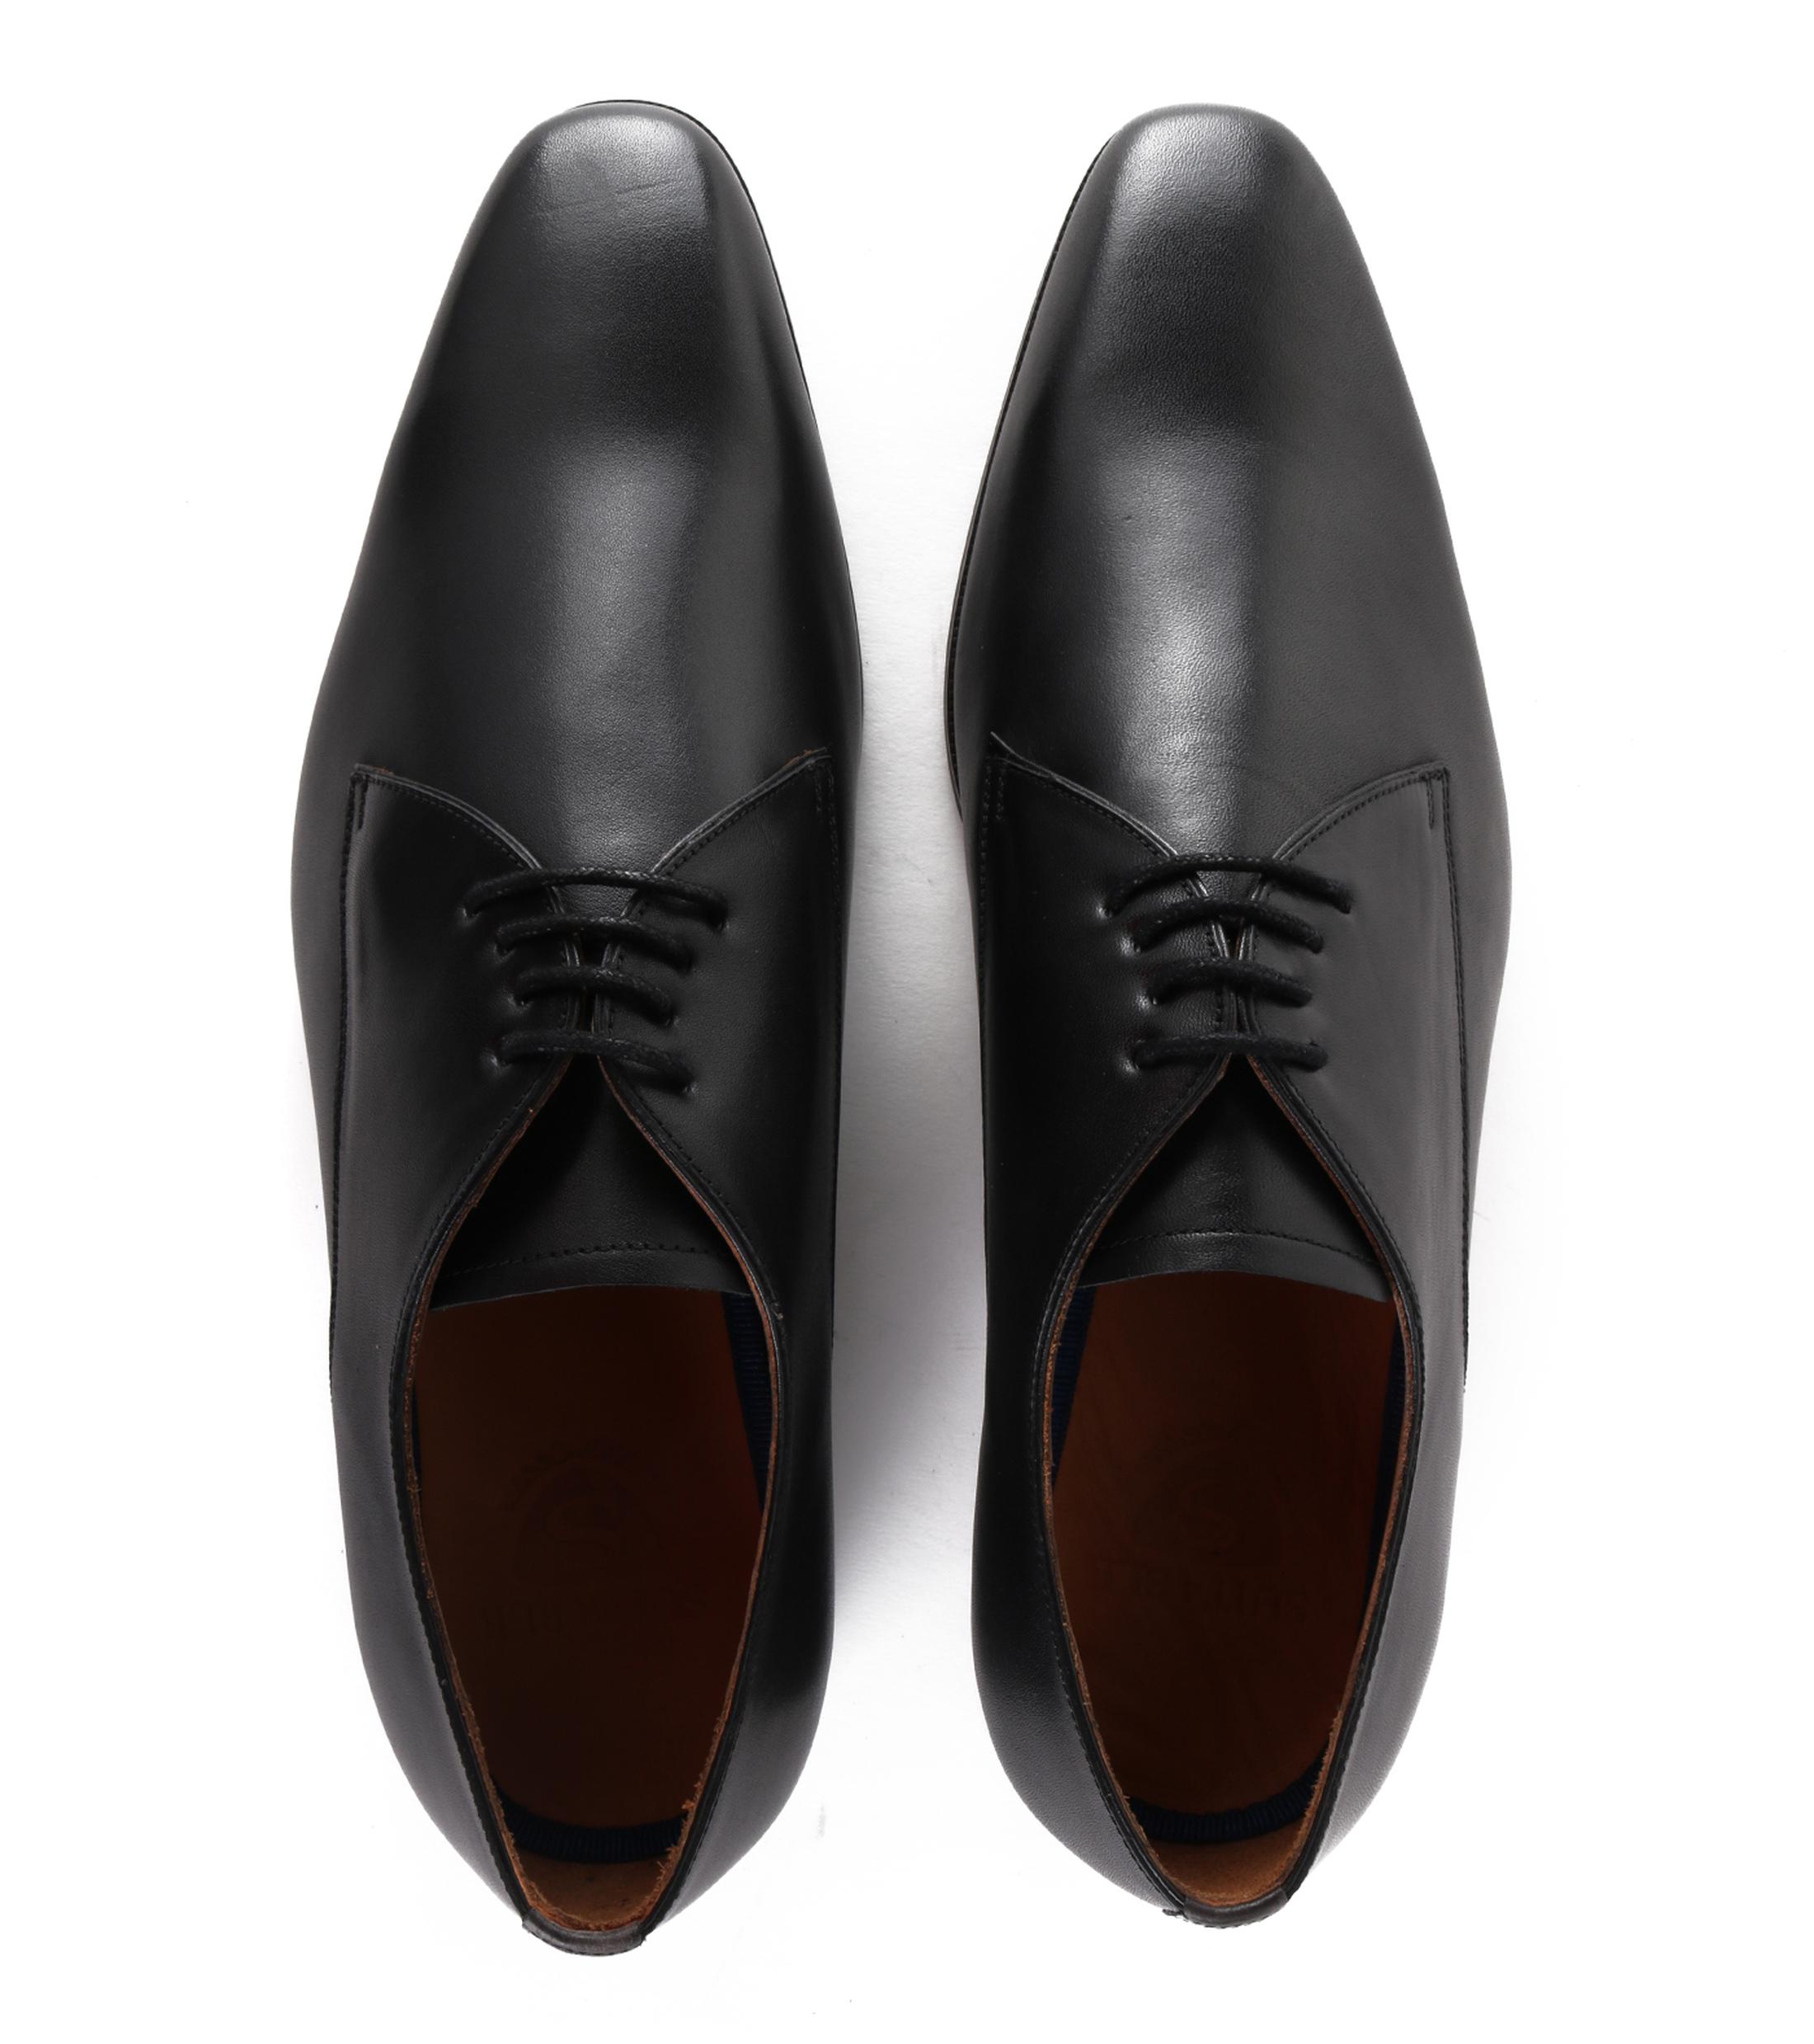 Chaussures Hommes Convenables En Cuir De Luxe Stbl Noir VzqG1ONJx